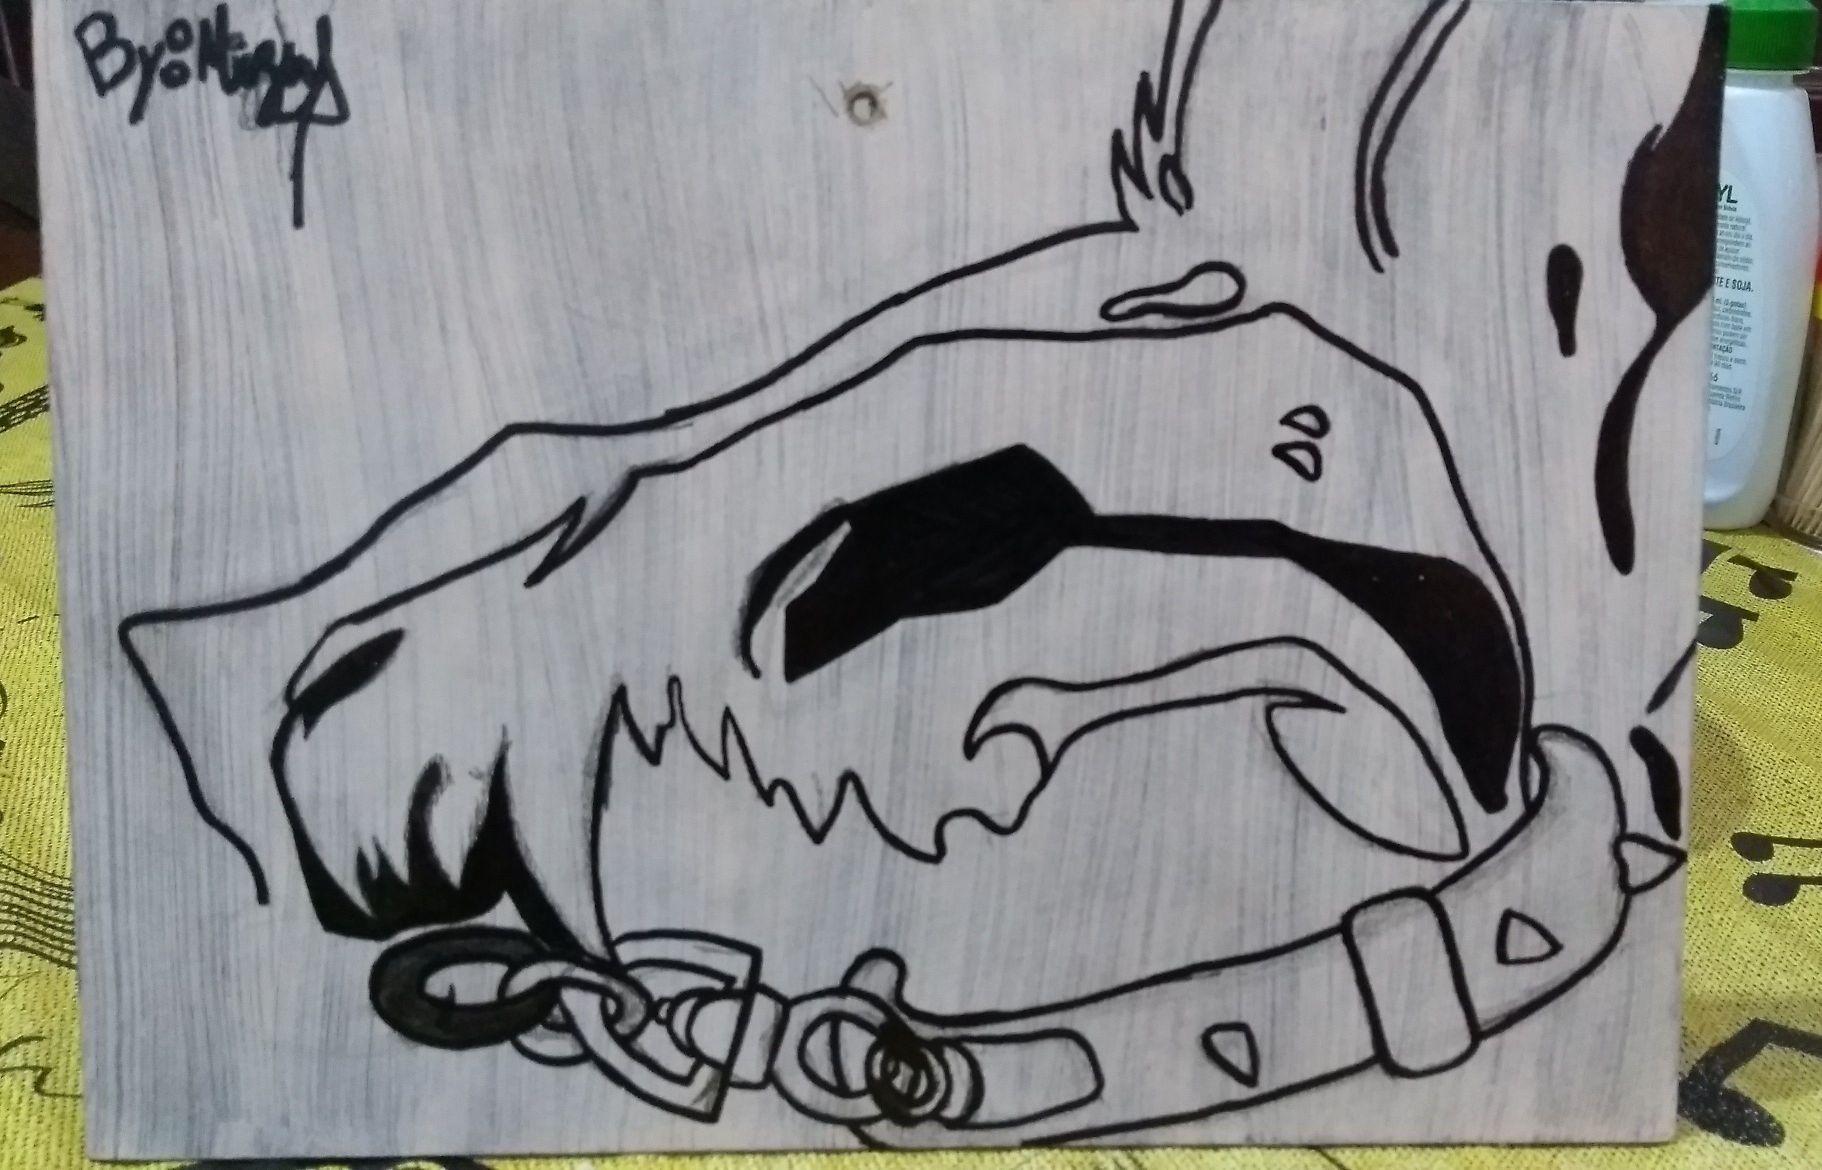 Pintura+ desenho autoral em quadrinho